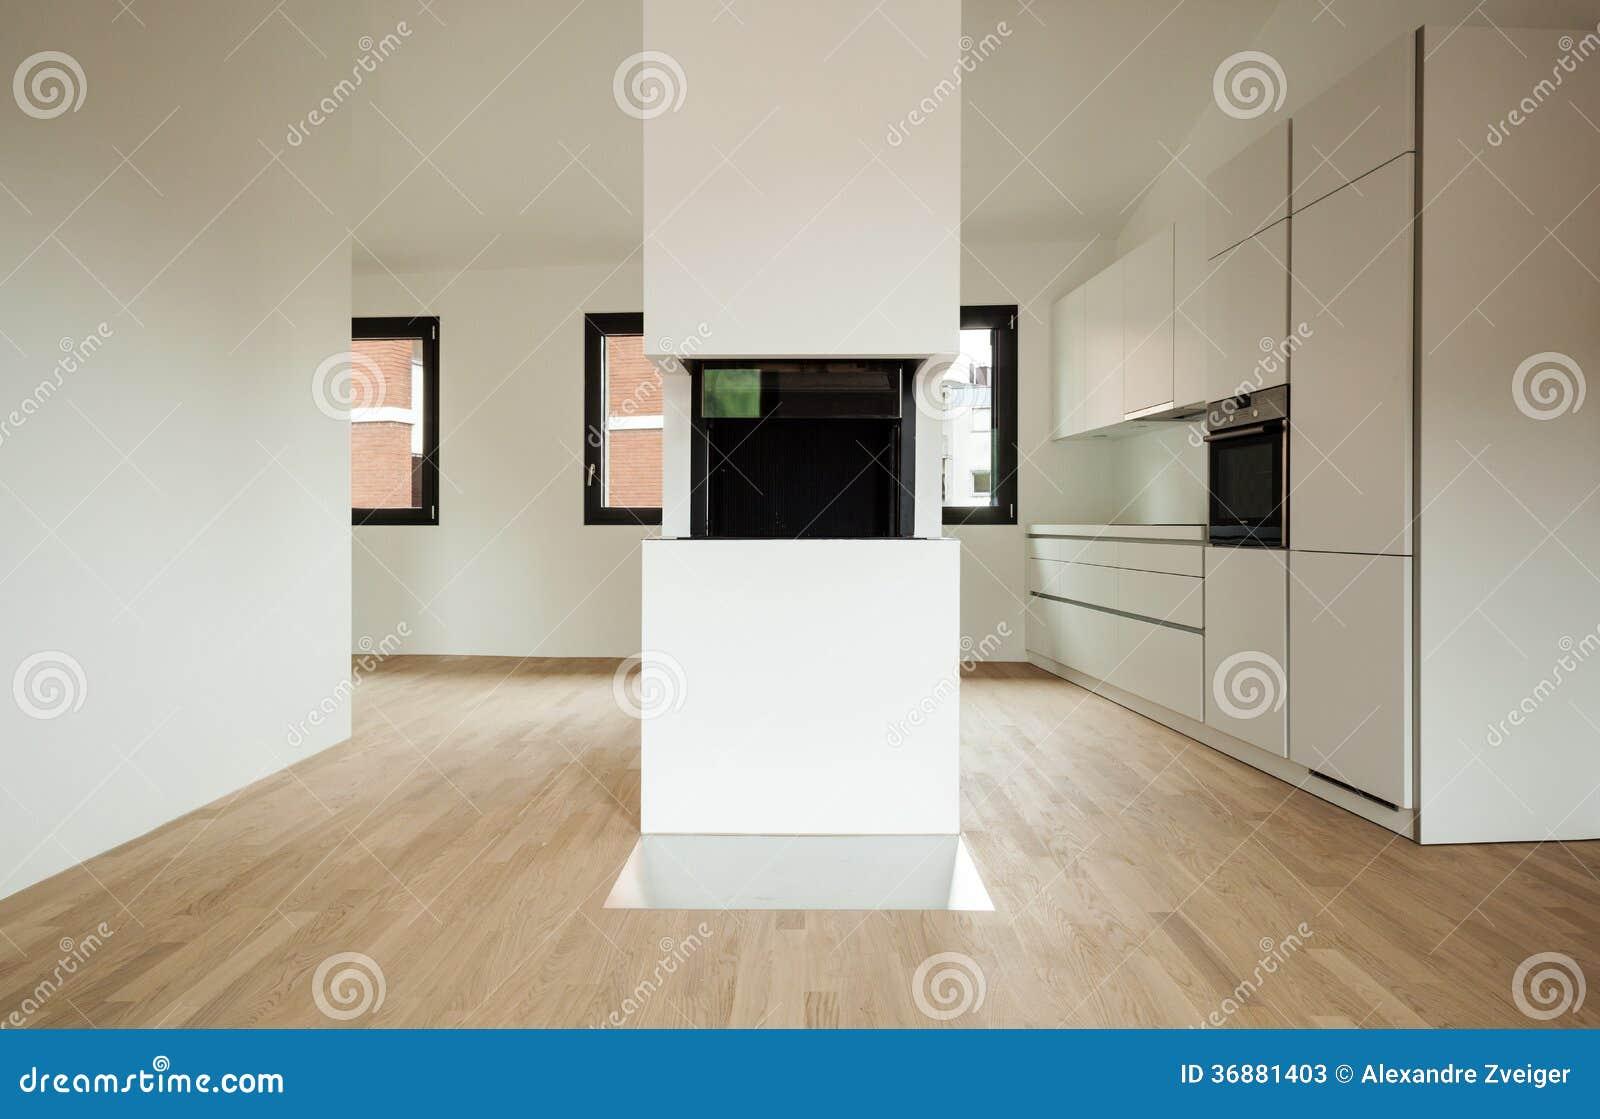 Download Nuova casa interna immagine stock. Immagine di architettura - 36881403